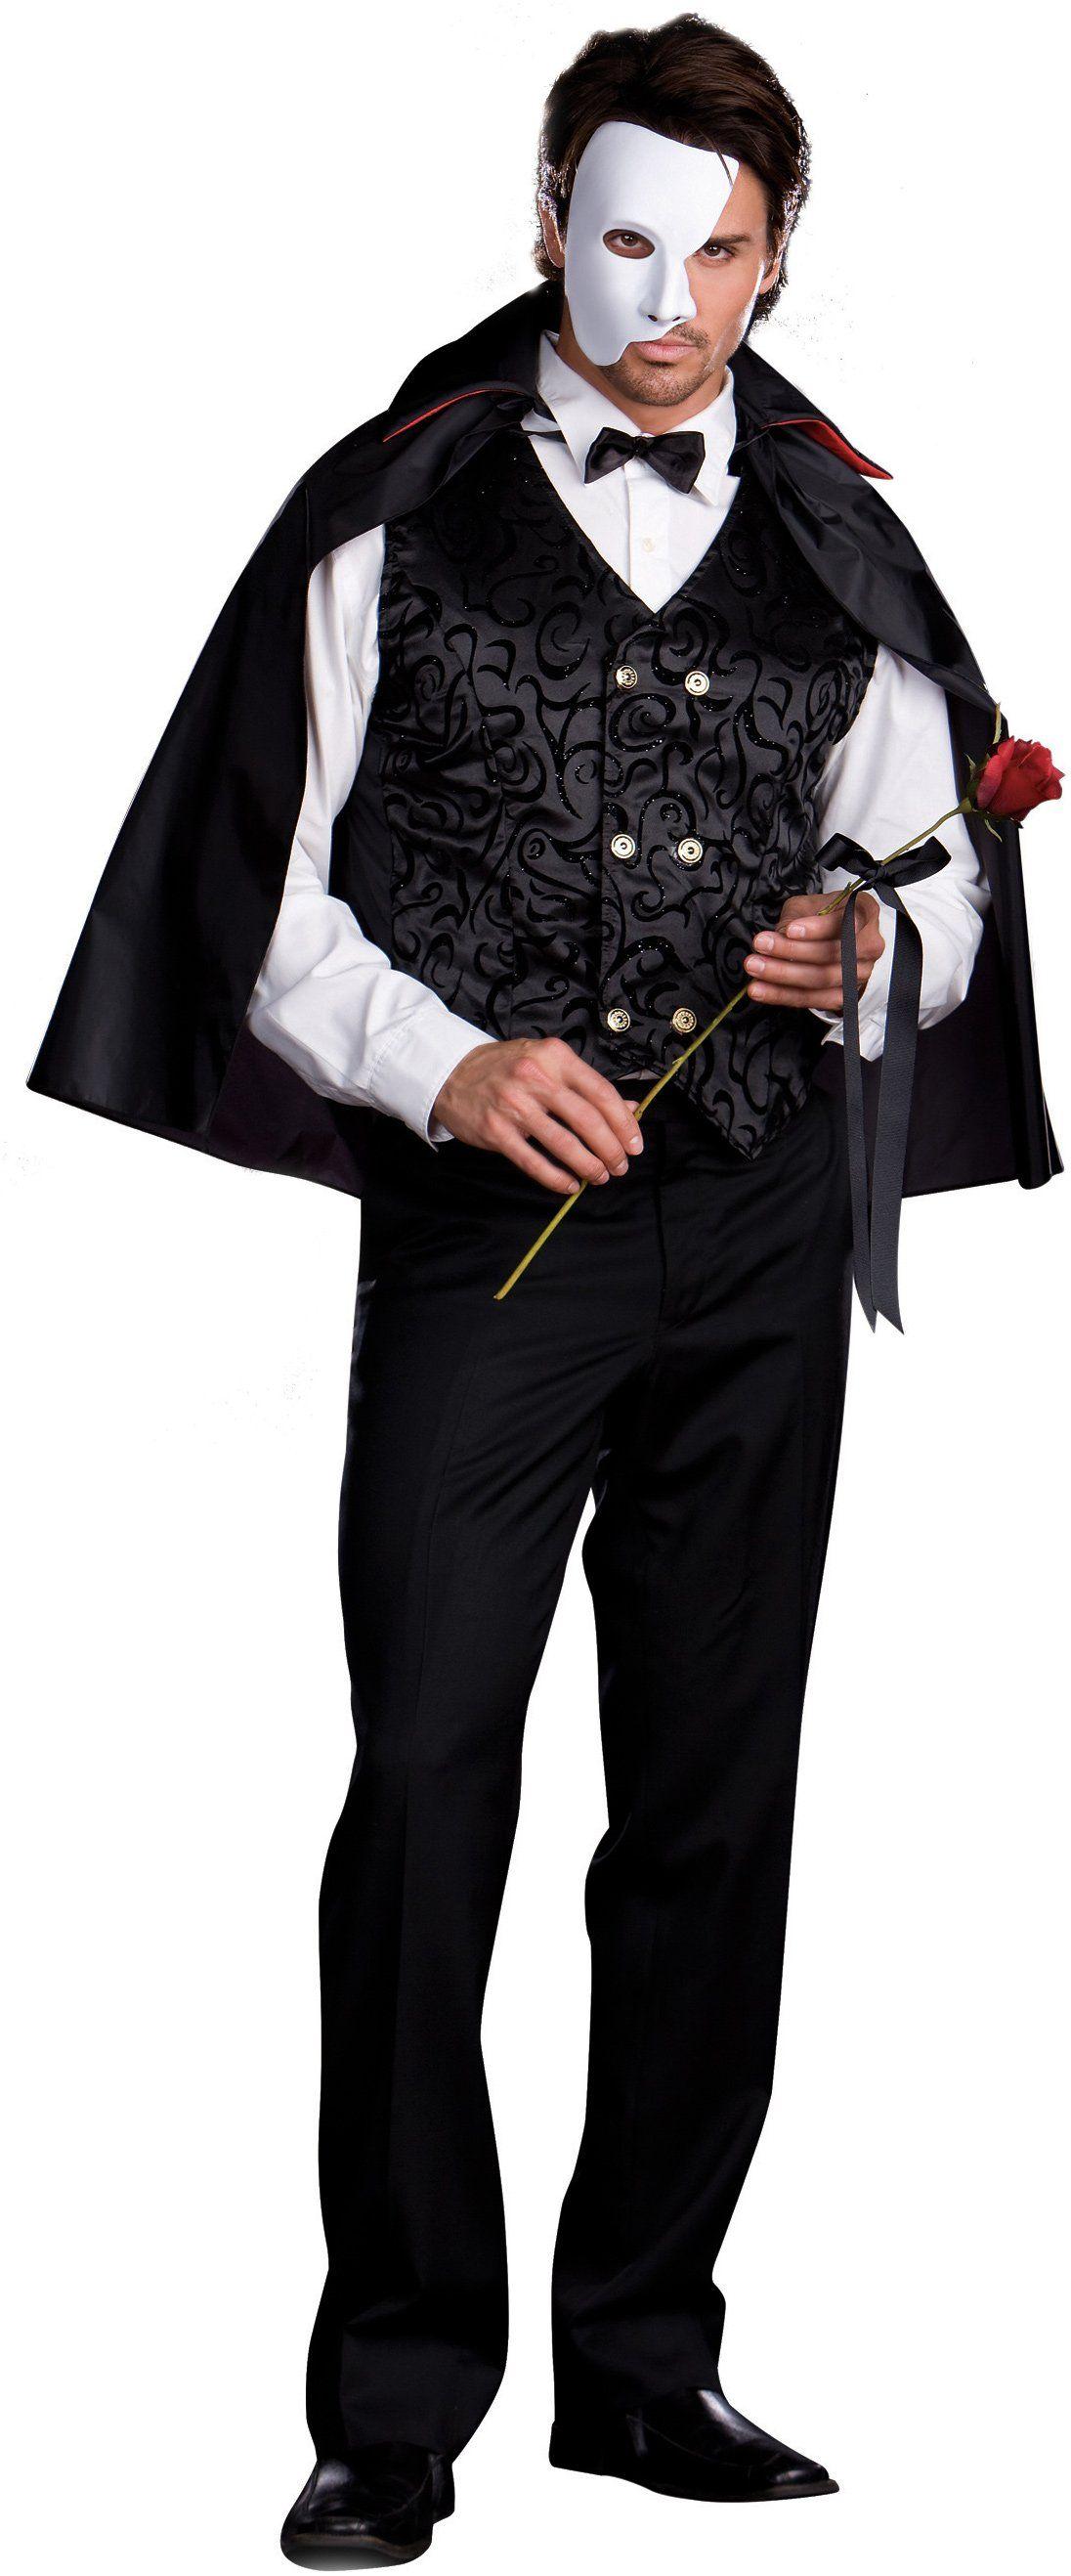 guys phantom costume halloween costumes menmasquerade - Masquerade Costumes Halloween